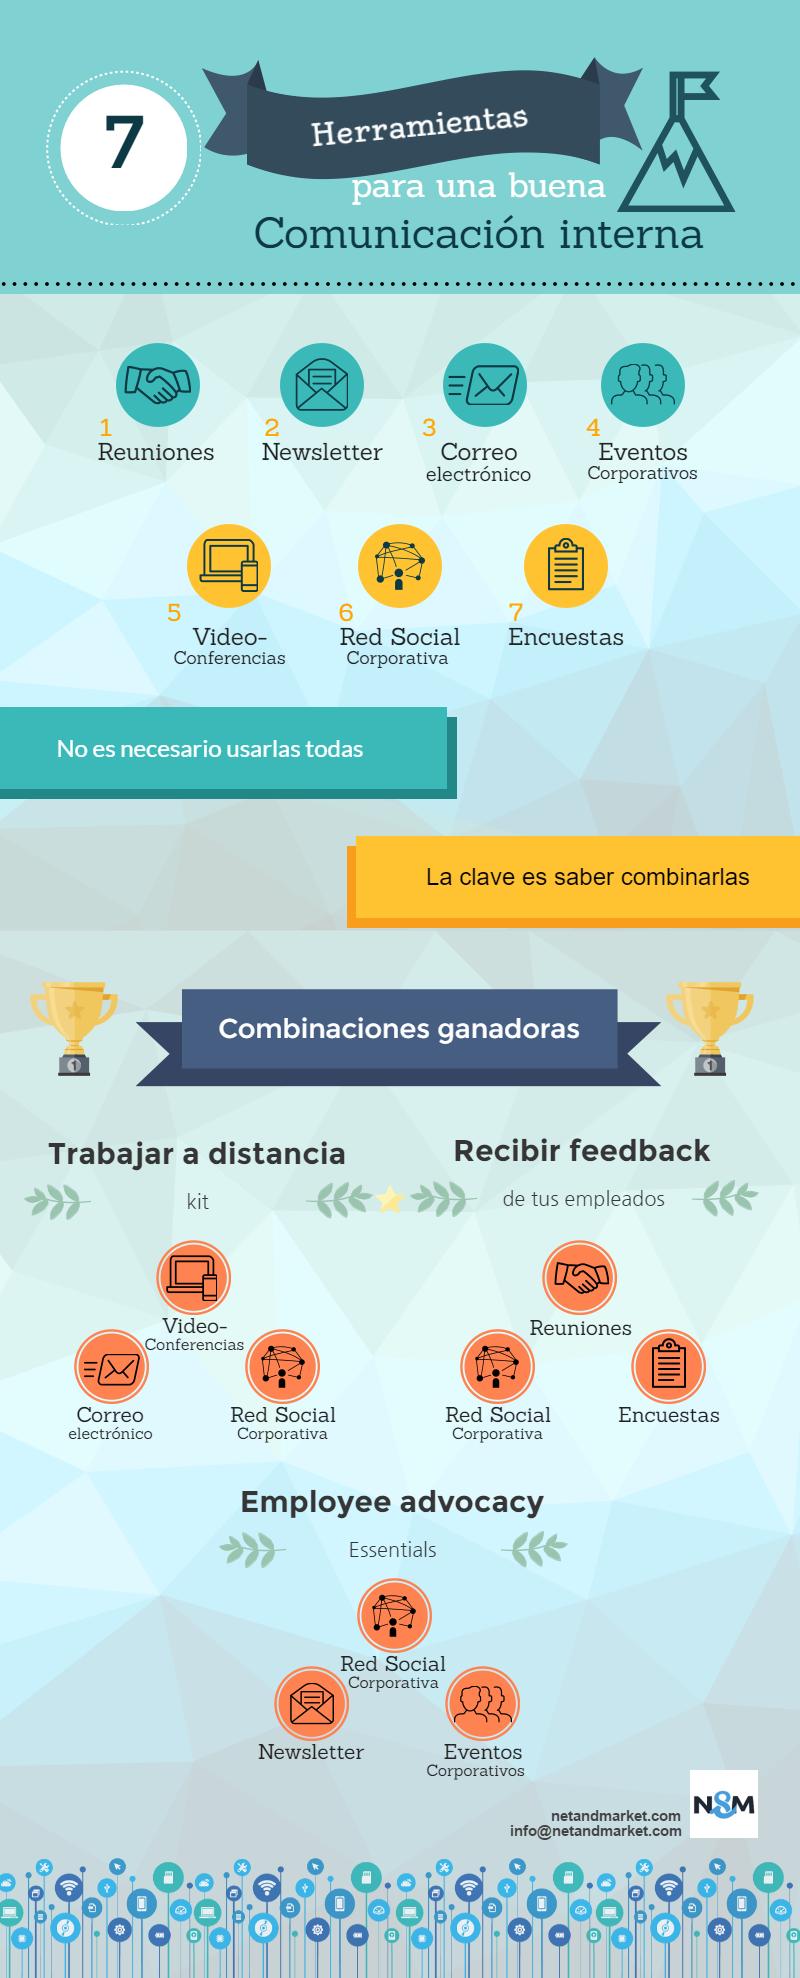 7 herramientas para una buena Comunicación Interna